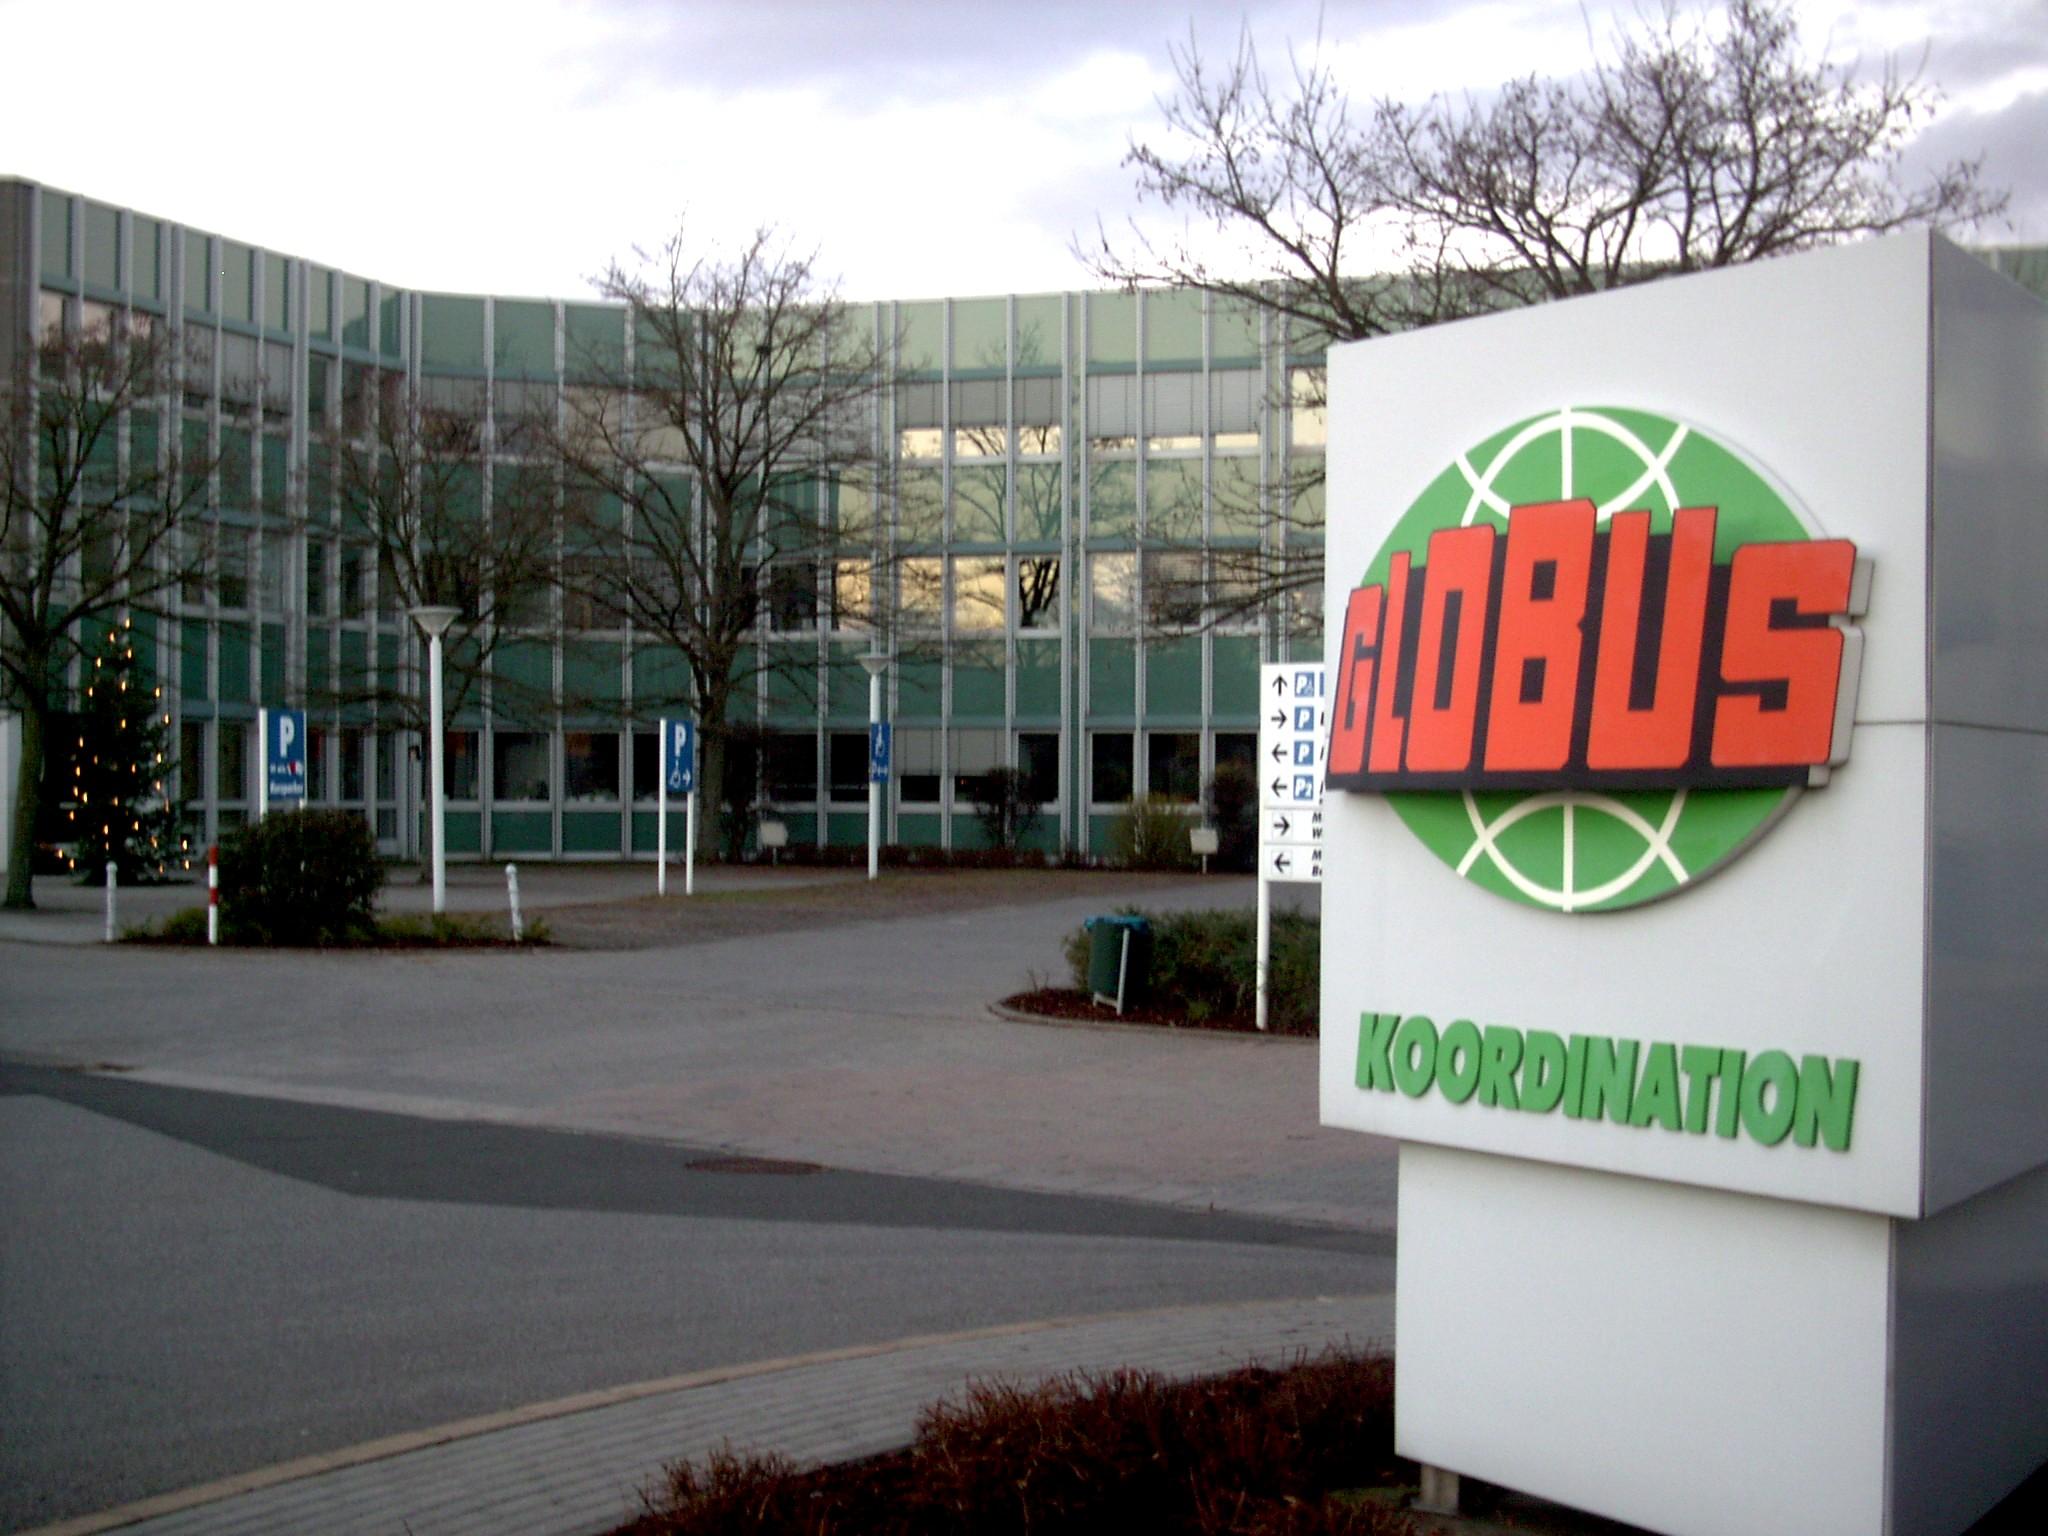 Международная штаб-квартира гипермаркета Глобус в Санкт-Вендель